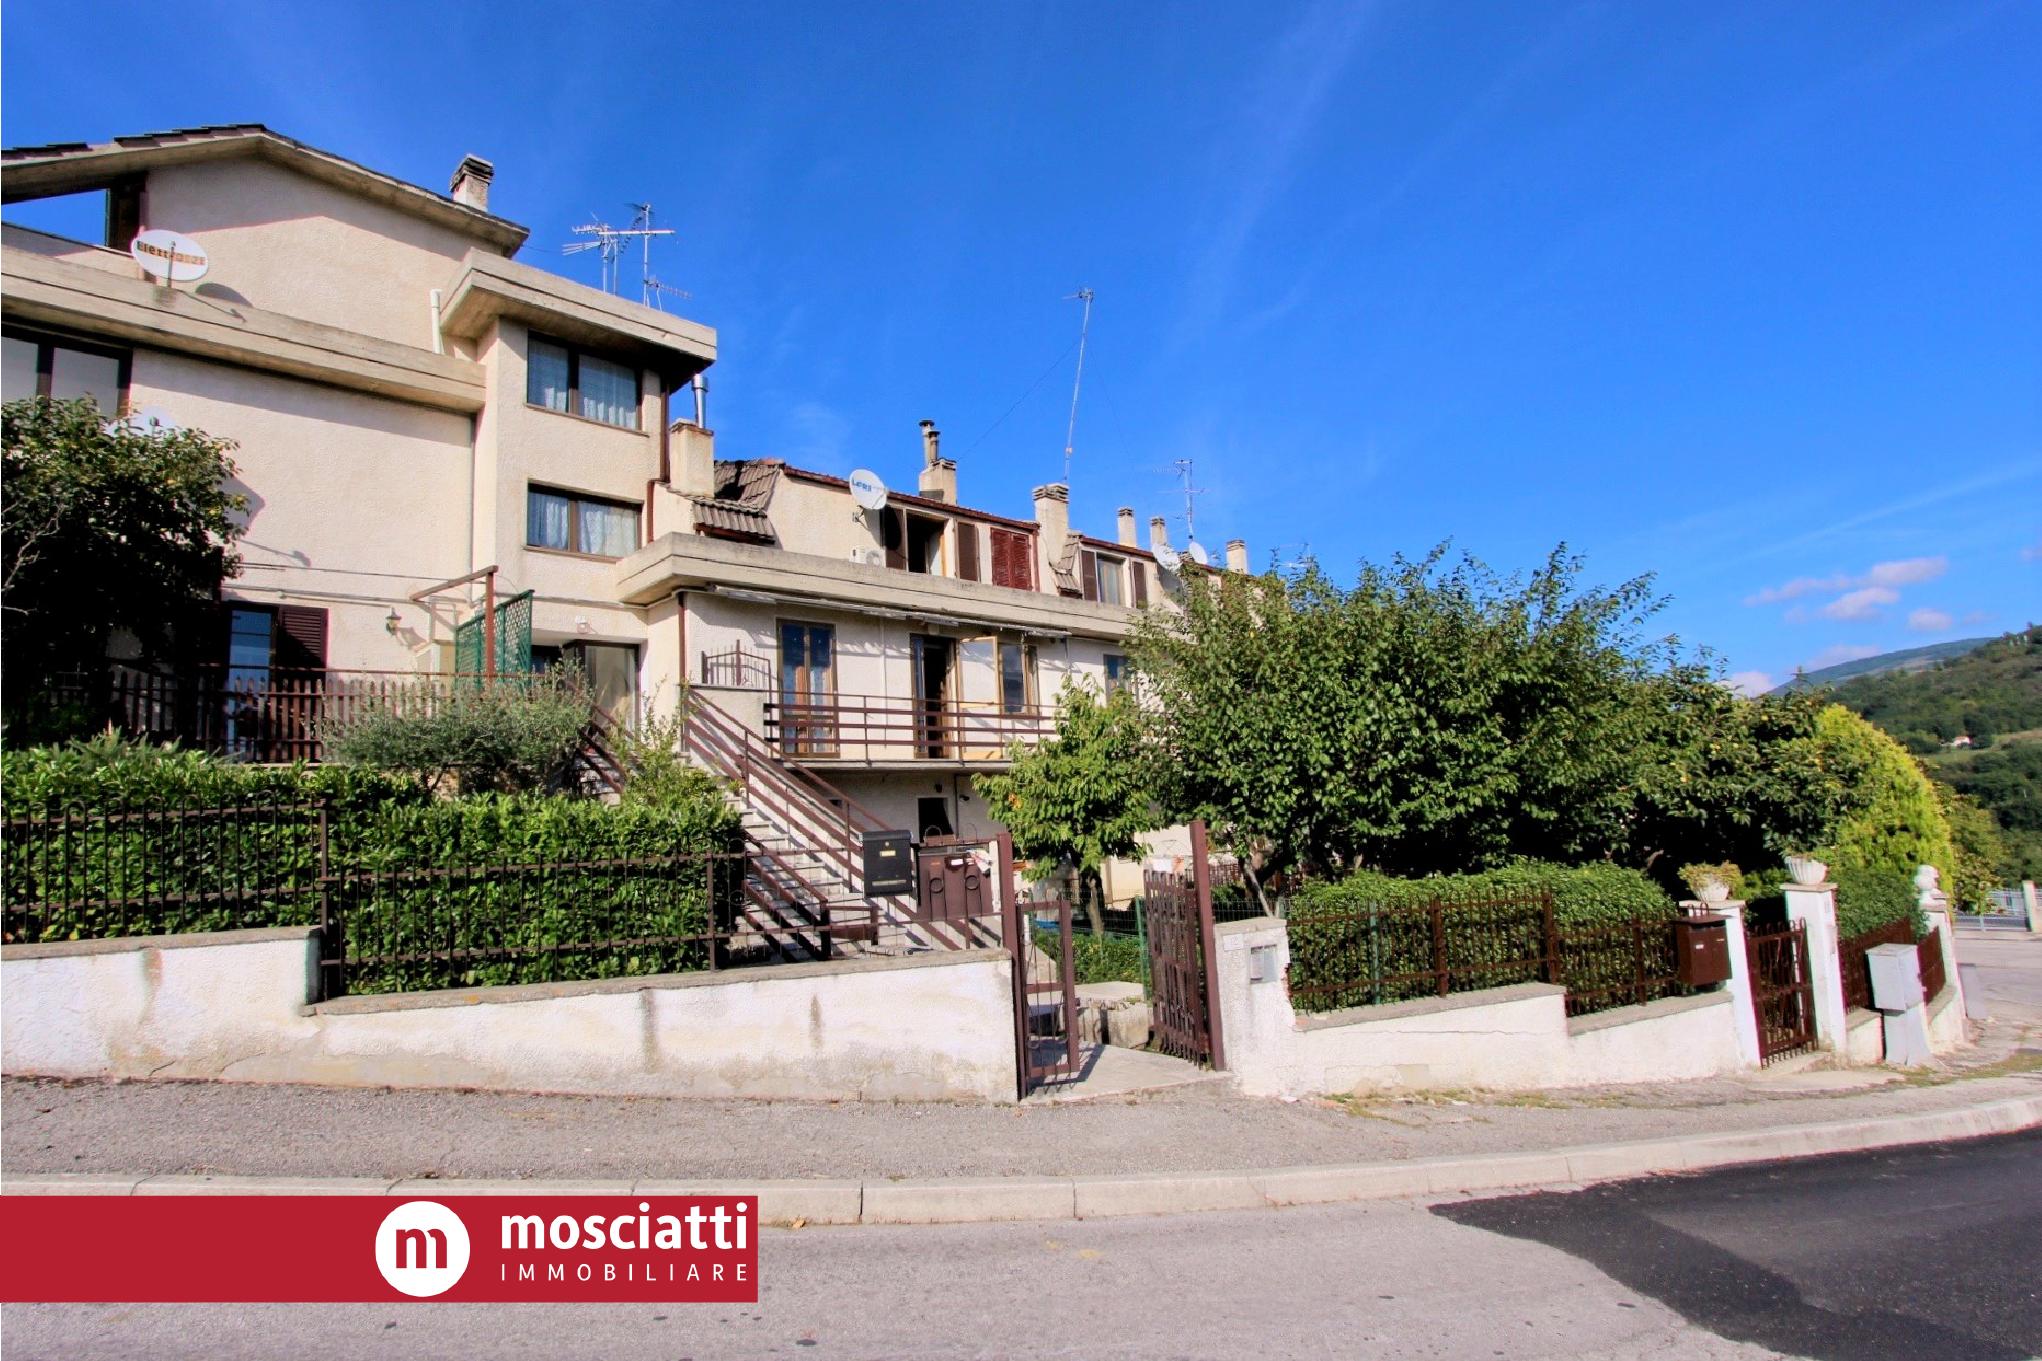 CASTELRAIMONDO, via D'Annunzio, vendesi APPARTAMENTO con ingresso indipendente cod - 1